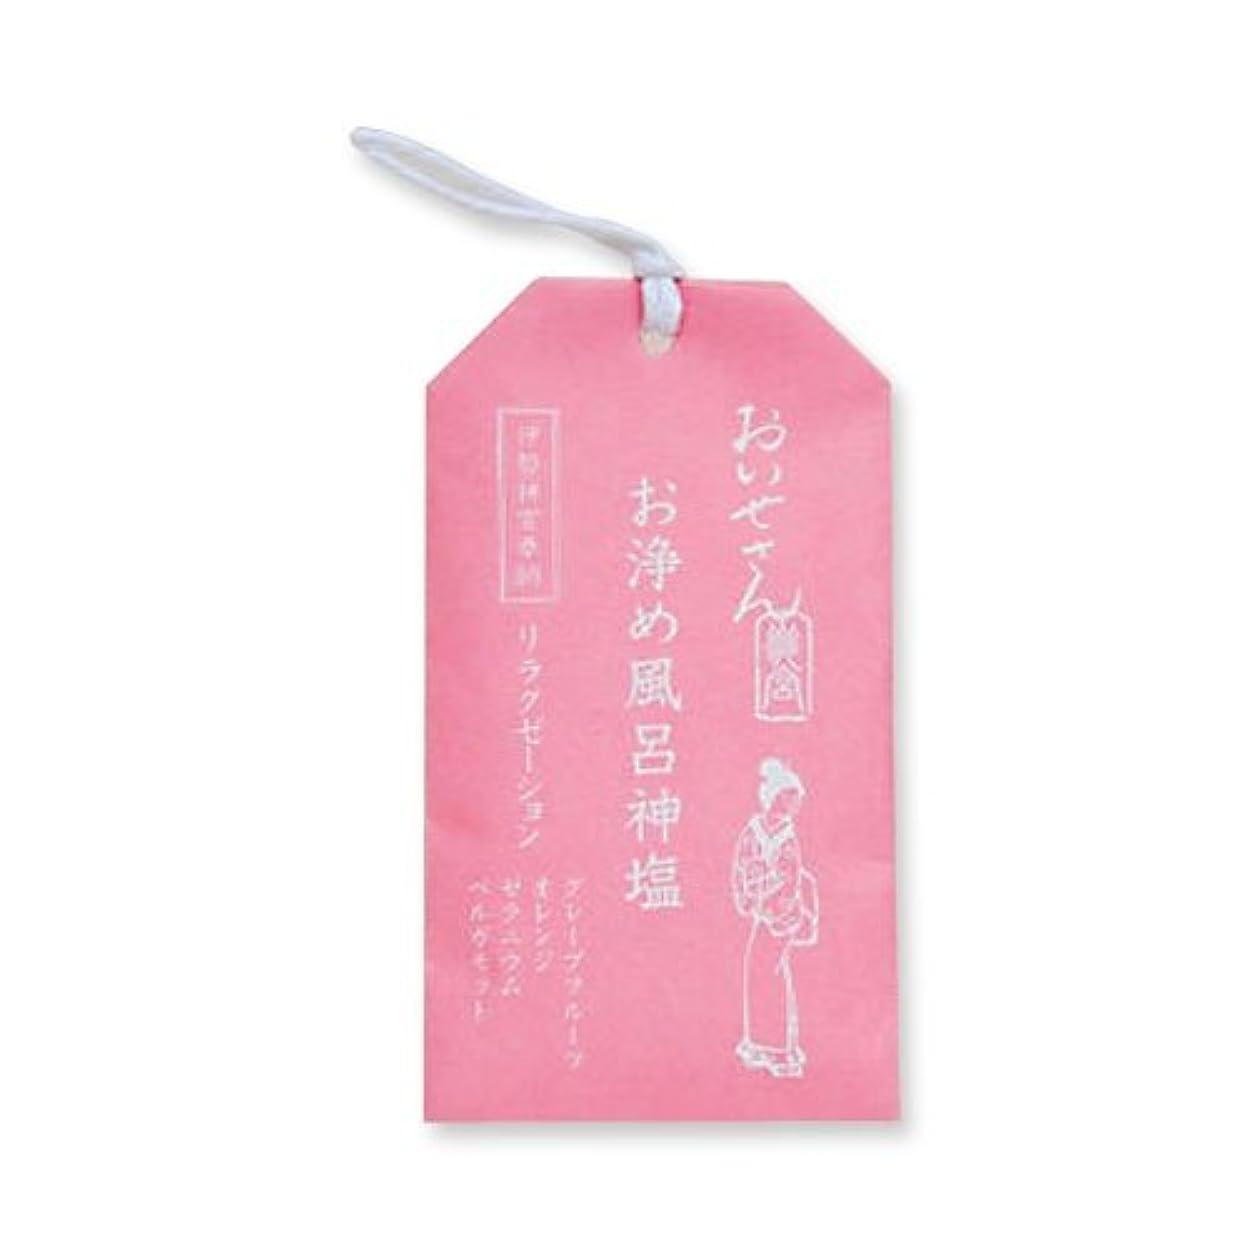 パスタ一掃する植木おいせさん お浄め風呂神塩 バス用ソルト(リラクゼーション) 20g